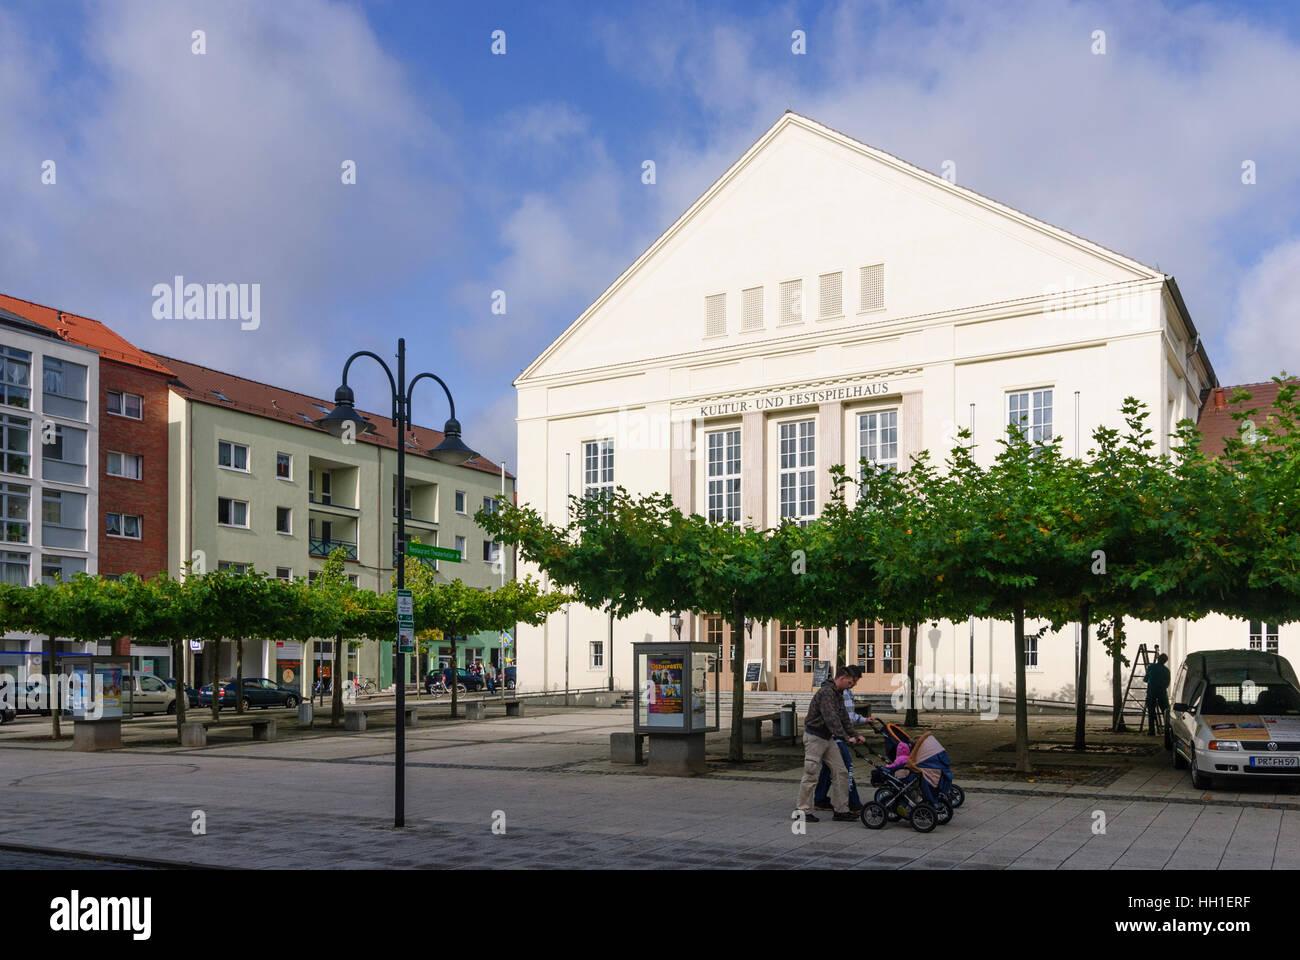 Wittenberge: Kultur-Und Festspielhaus (Kultur und Festival-Leistung-Haus), Brandenburg, Deutschland Stockbild